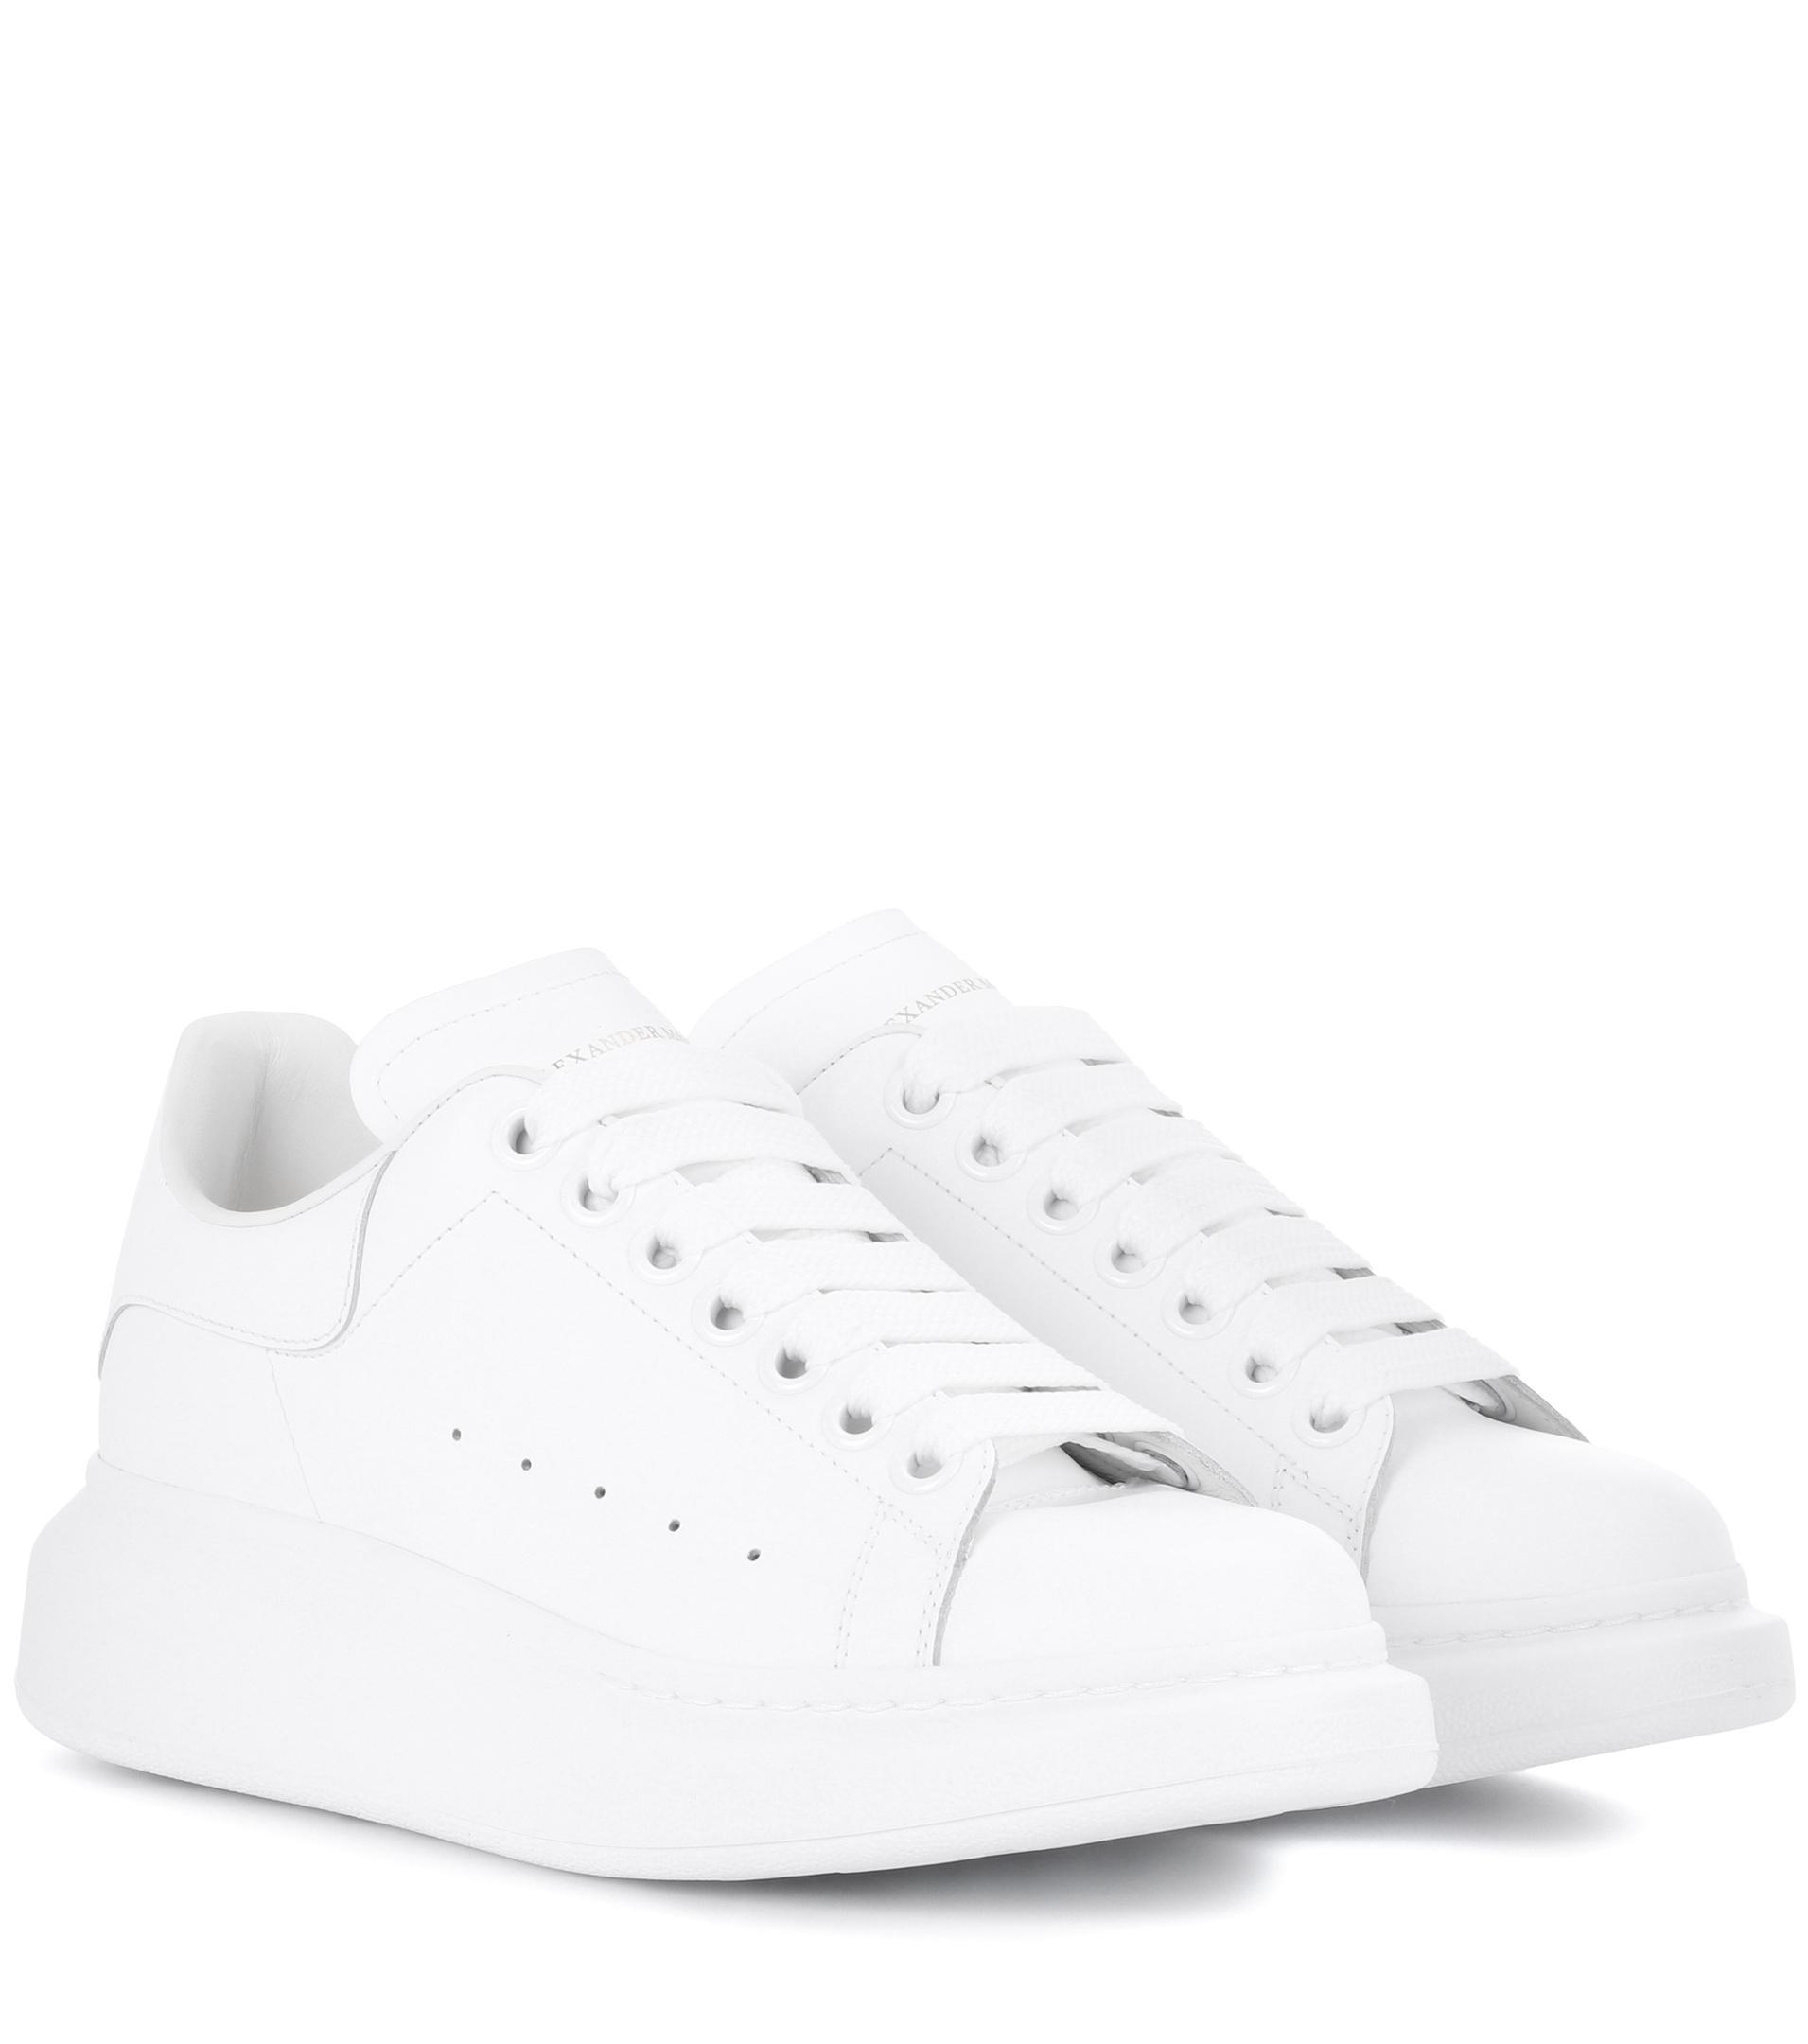 Sneakers Alexander Lyst in McQueen Leather White Fc3JK1Tl